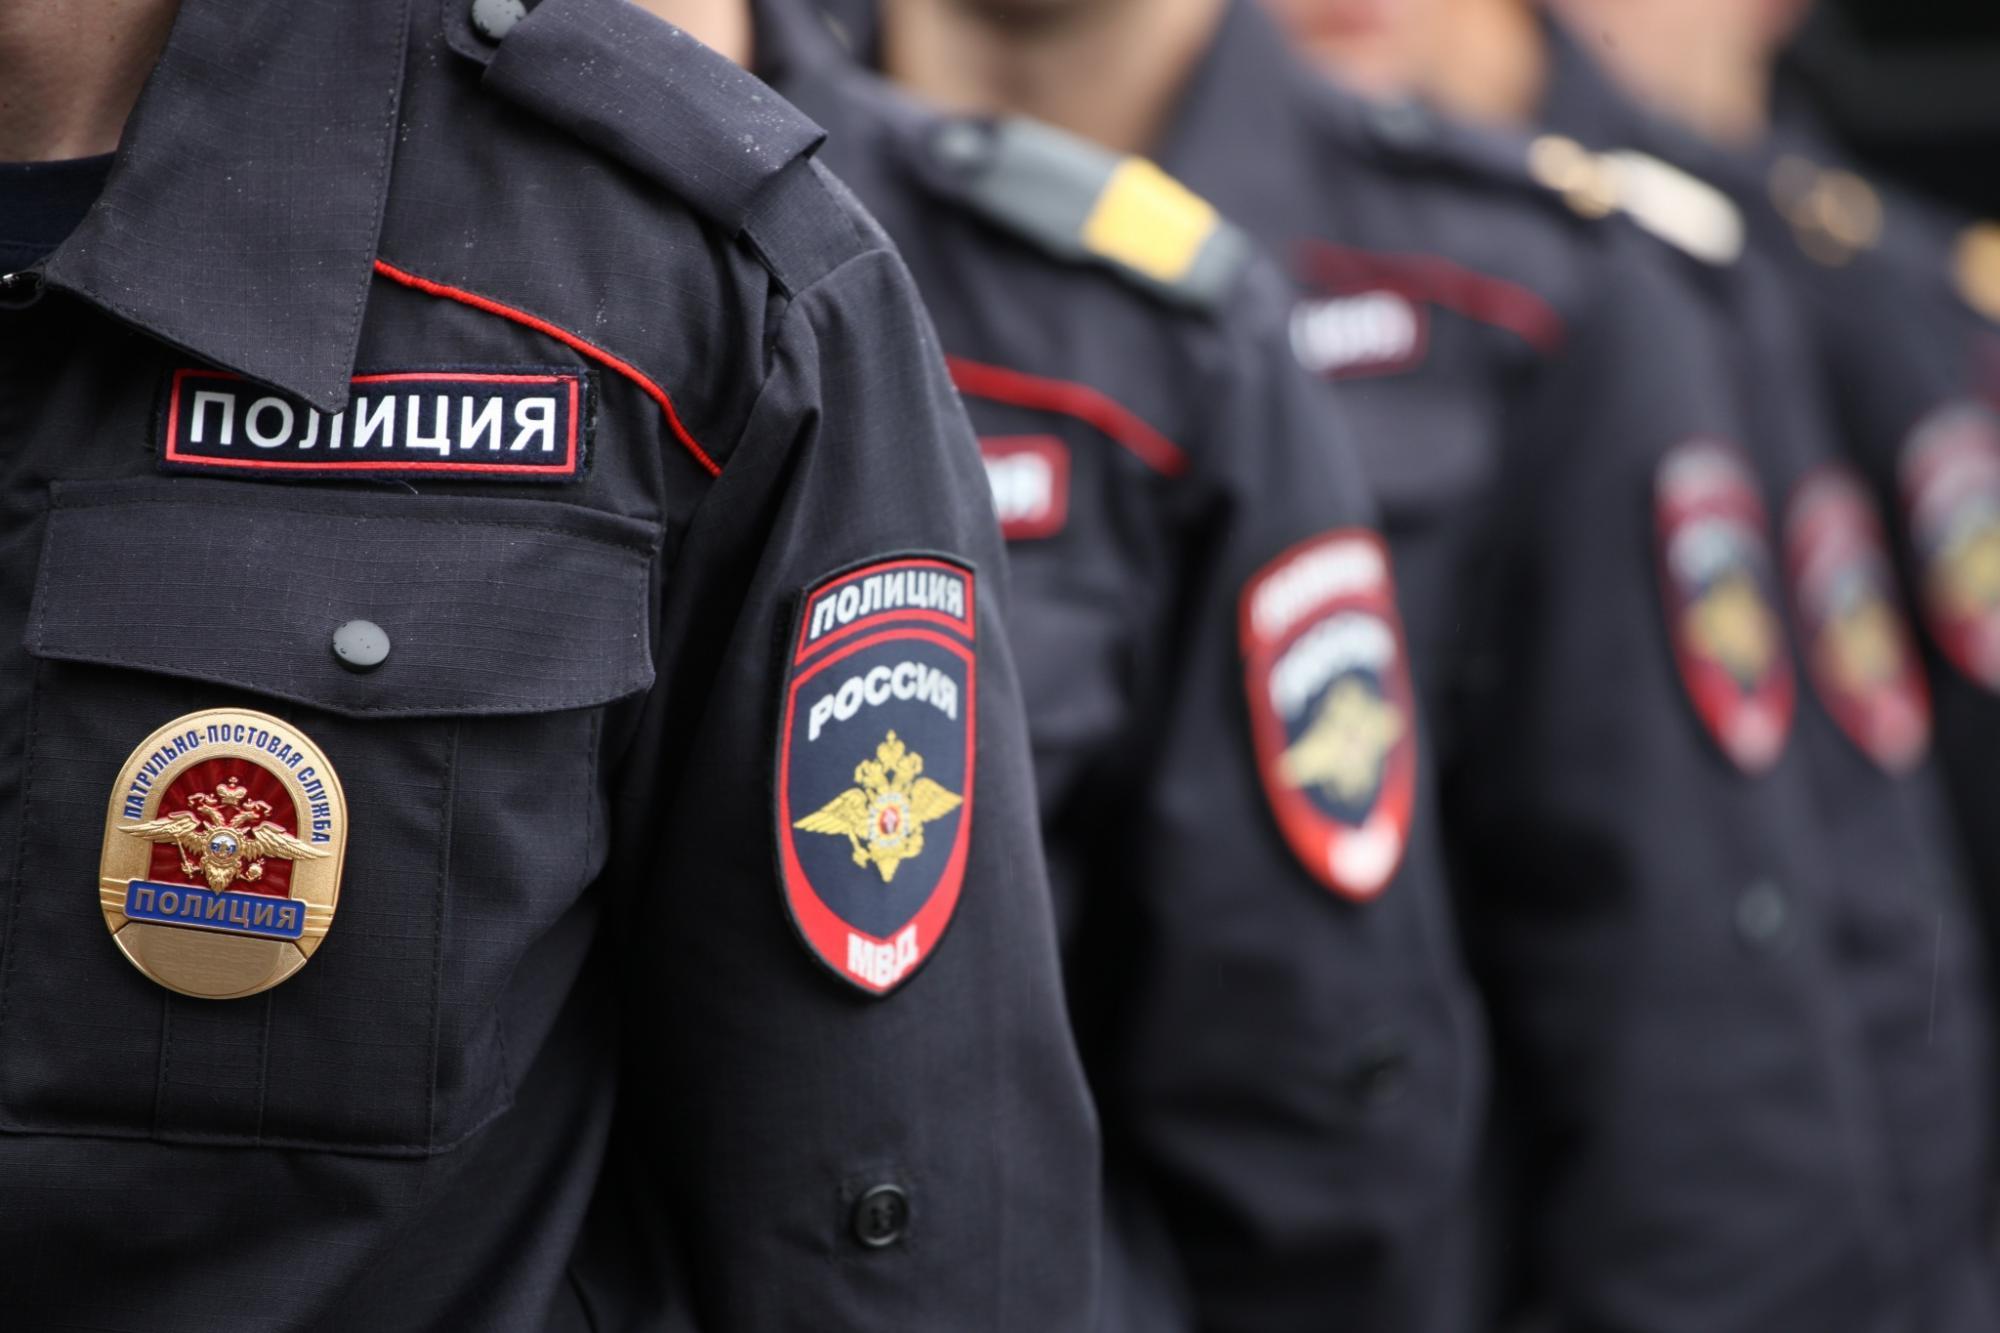 Коломенские полицейские задержали подозреваемых в краже из квартиры пенсионера